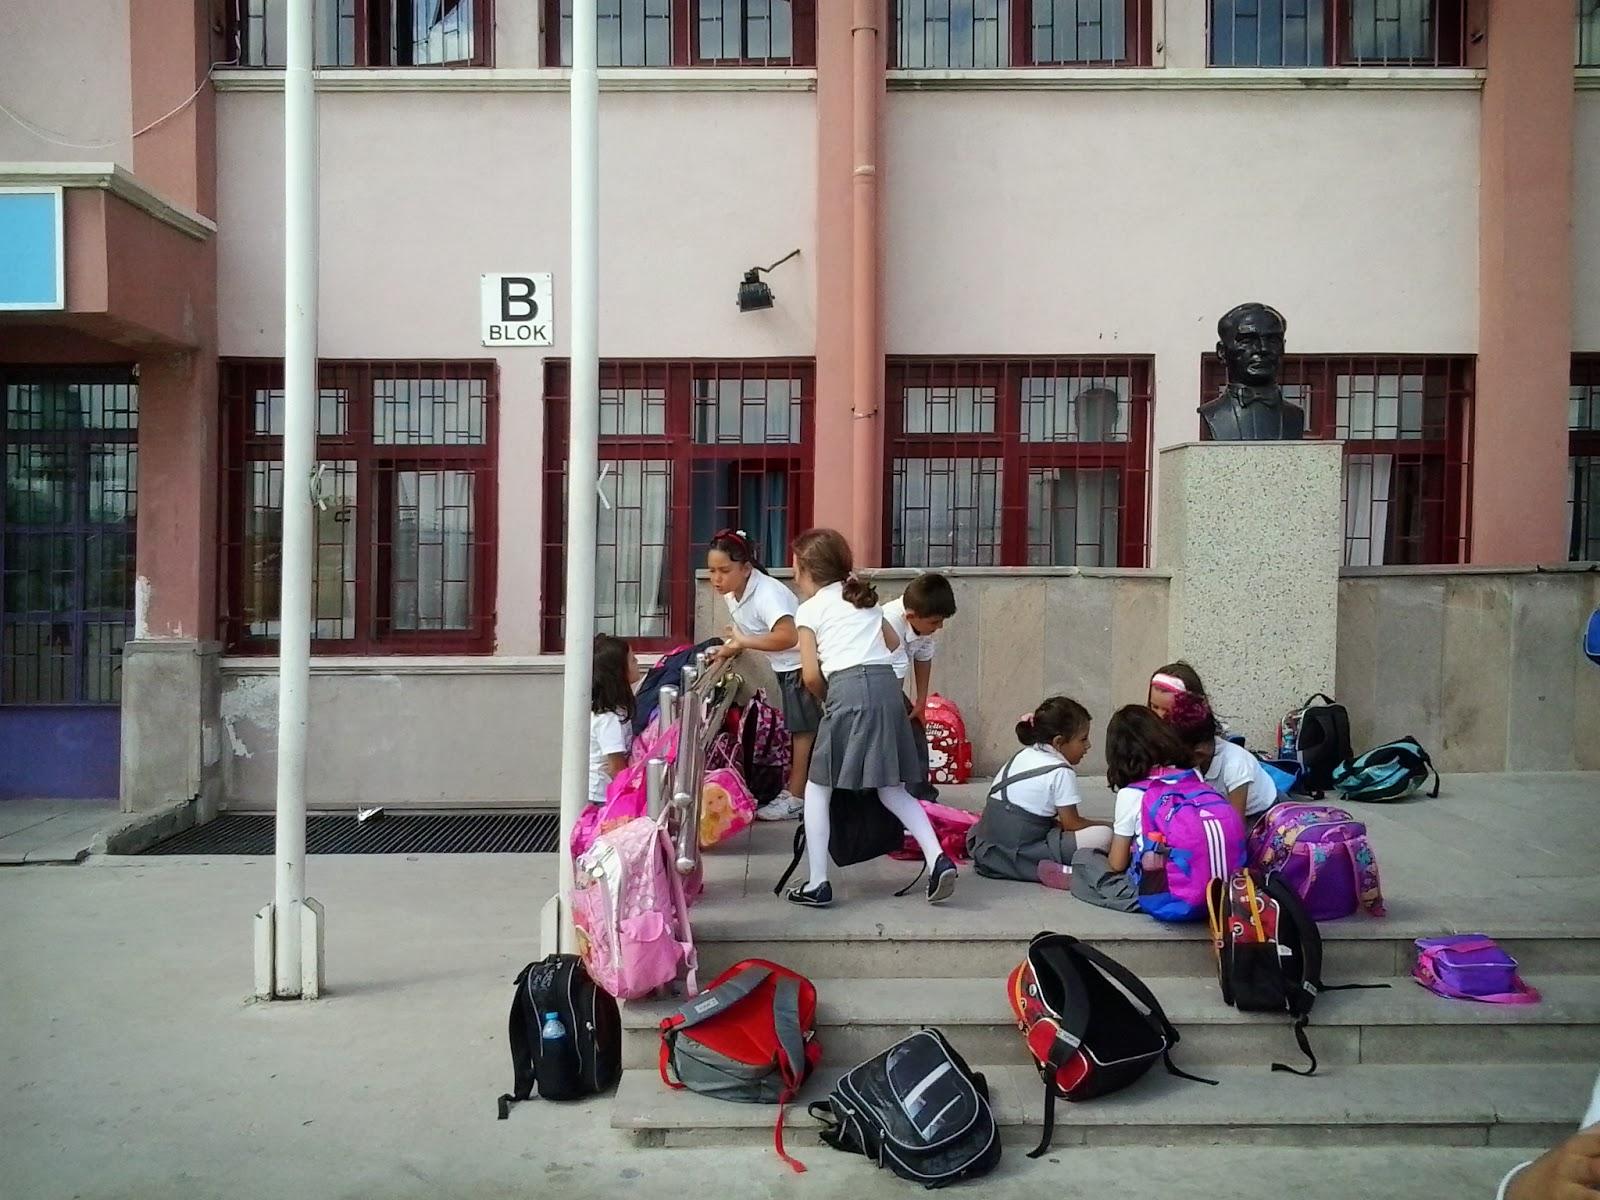 Okula Giden Birçok Çocukta Gözükmeye Başladı